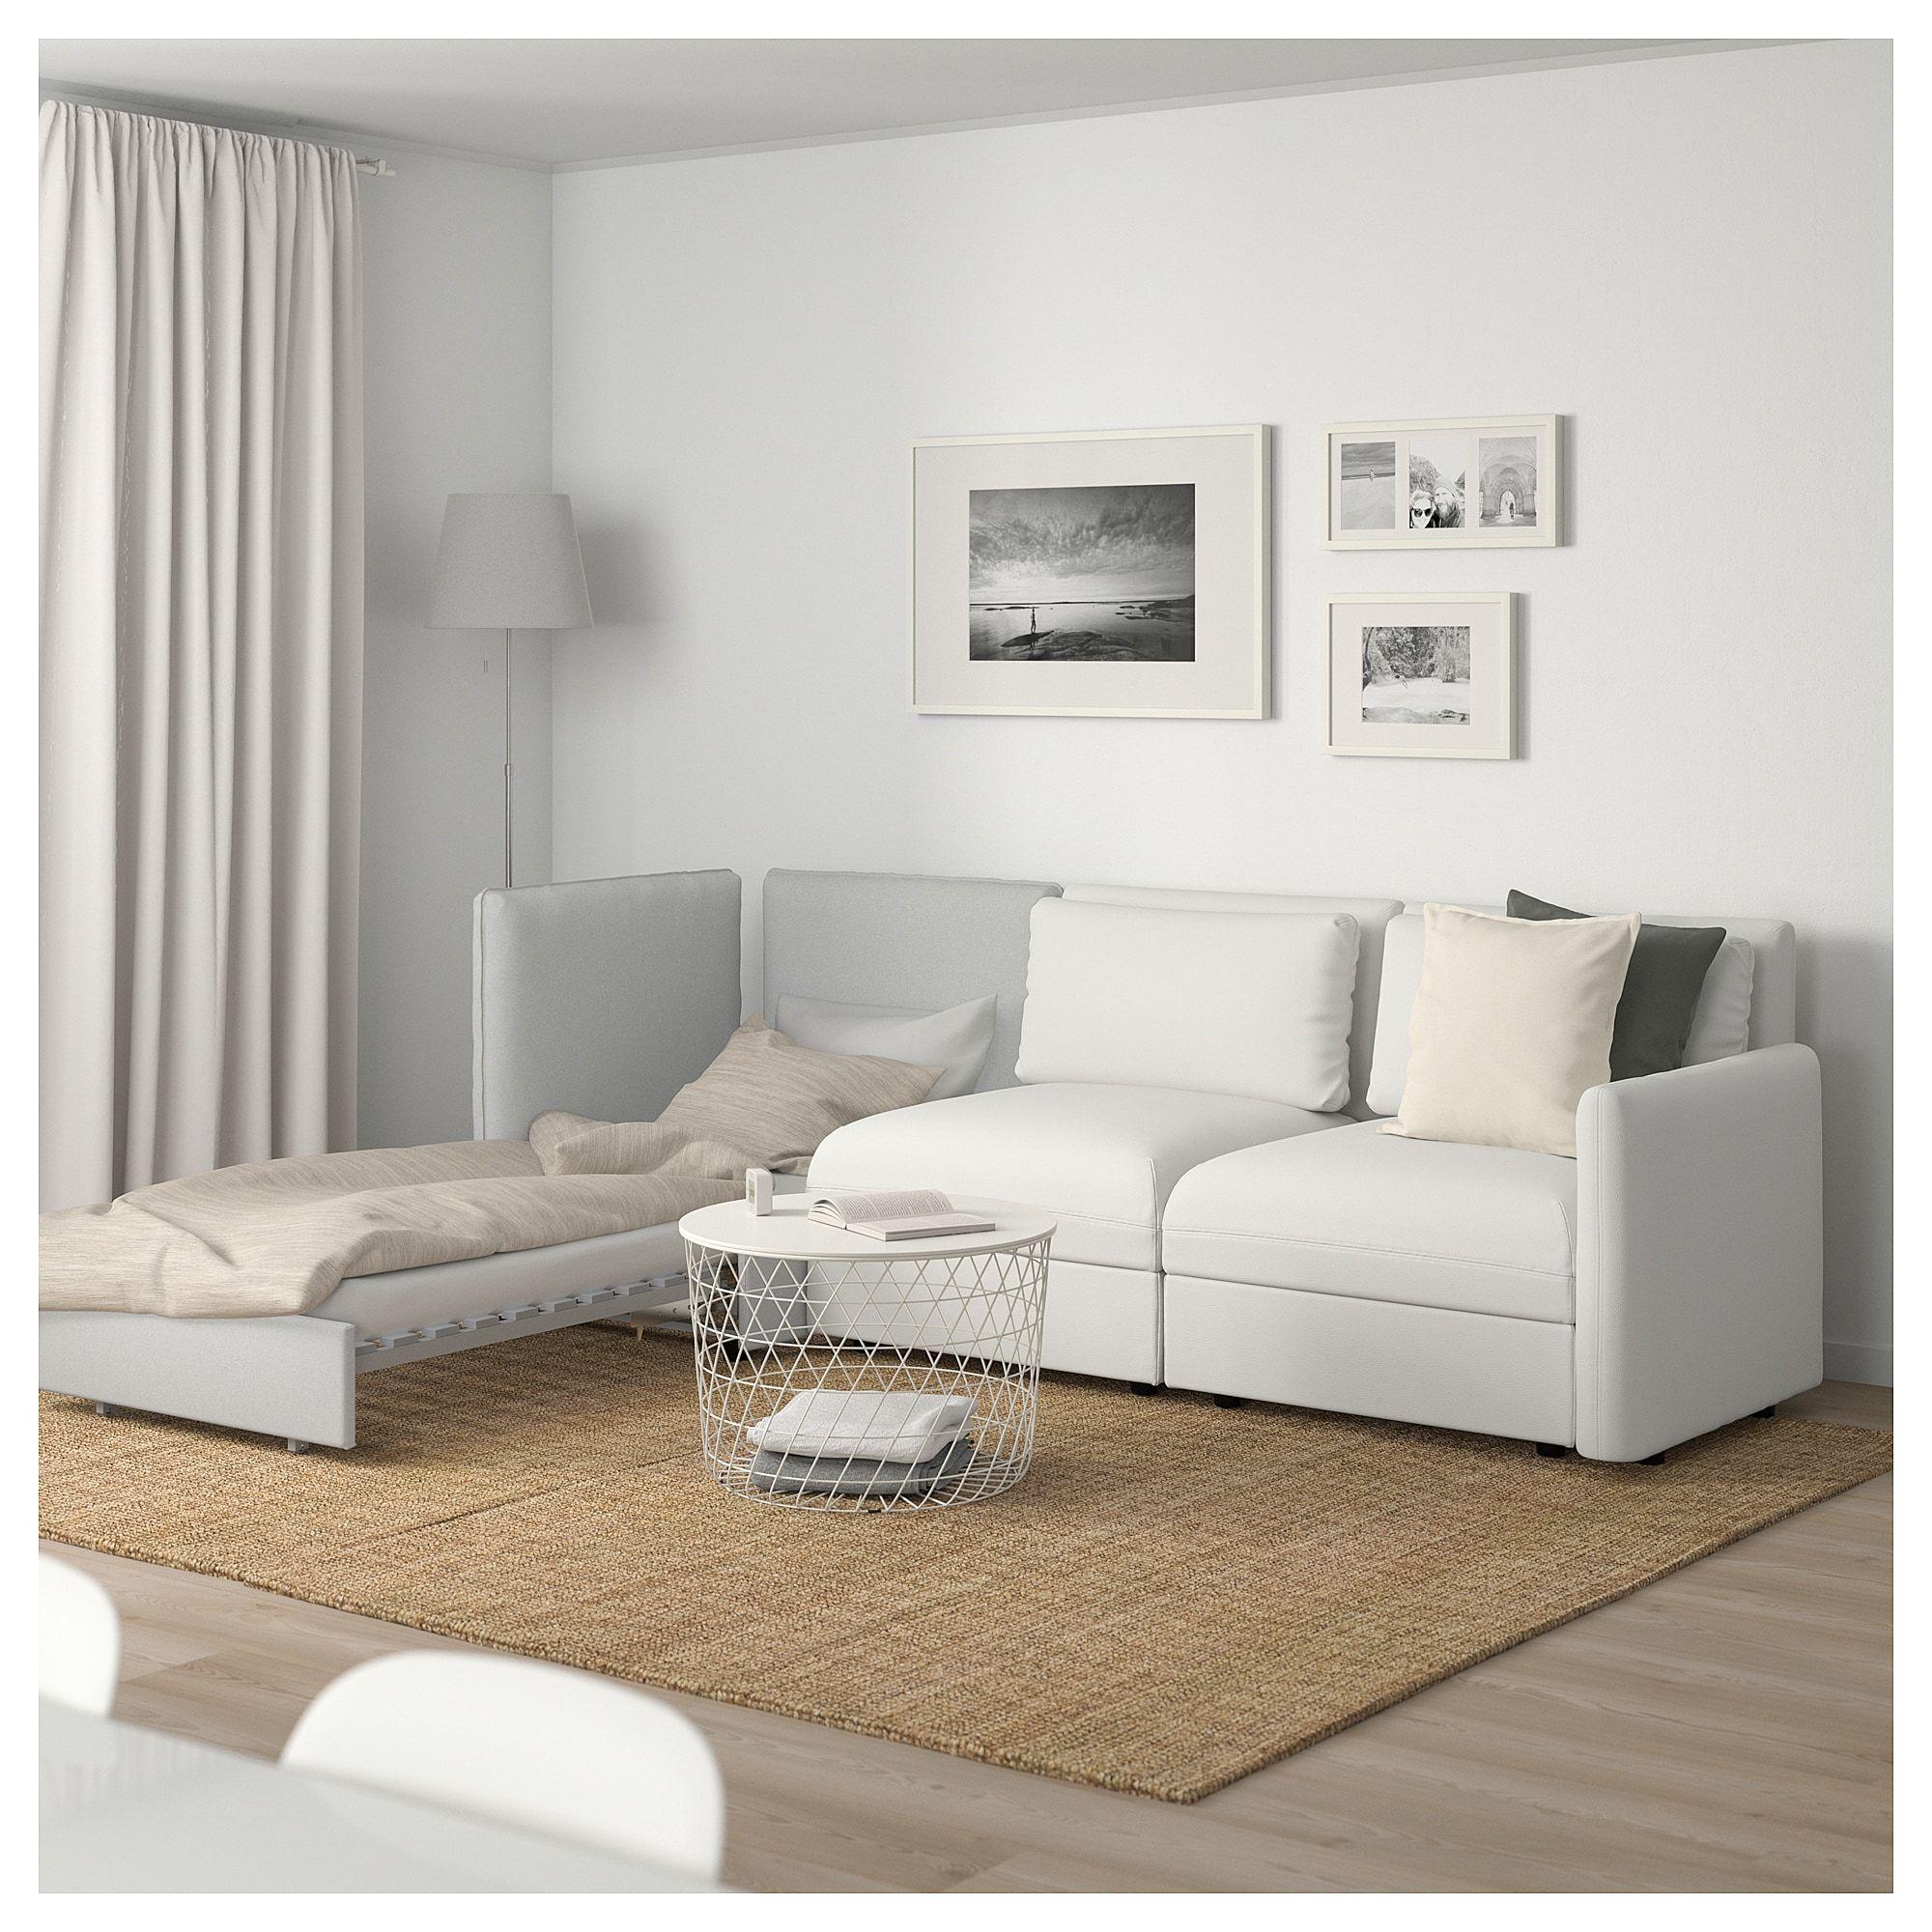 Vallentuna 3 Seat Modular Sleeper Sofa And Storage Murum Orrsta White Light Gray Ikea Corner Sofa Bed With Storage Vallentuna Sofa Bed With Storage